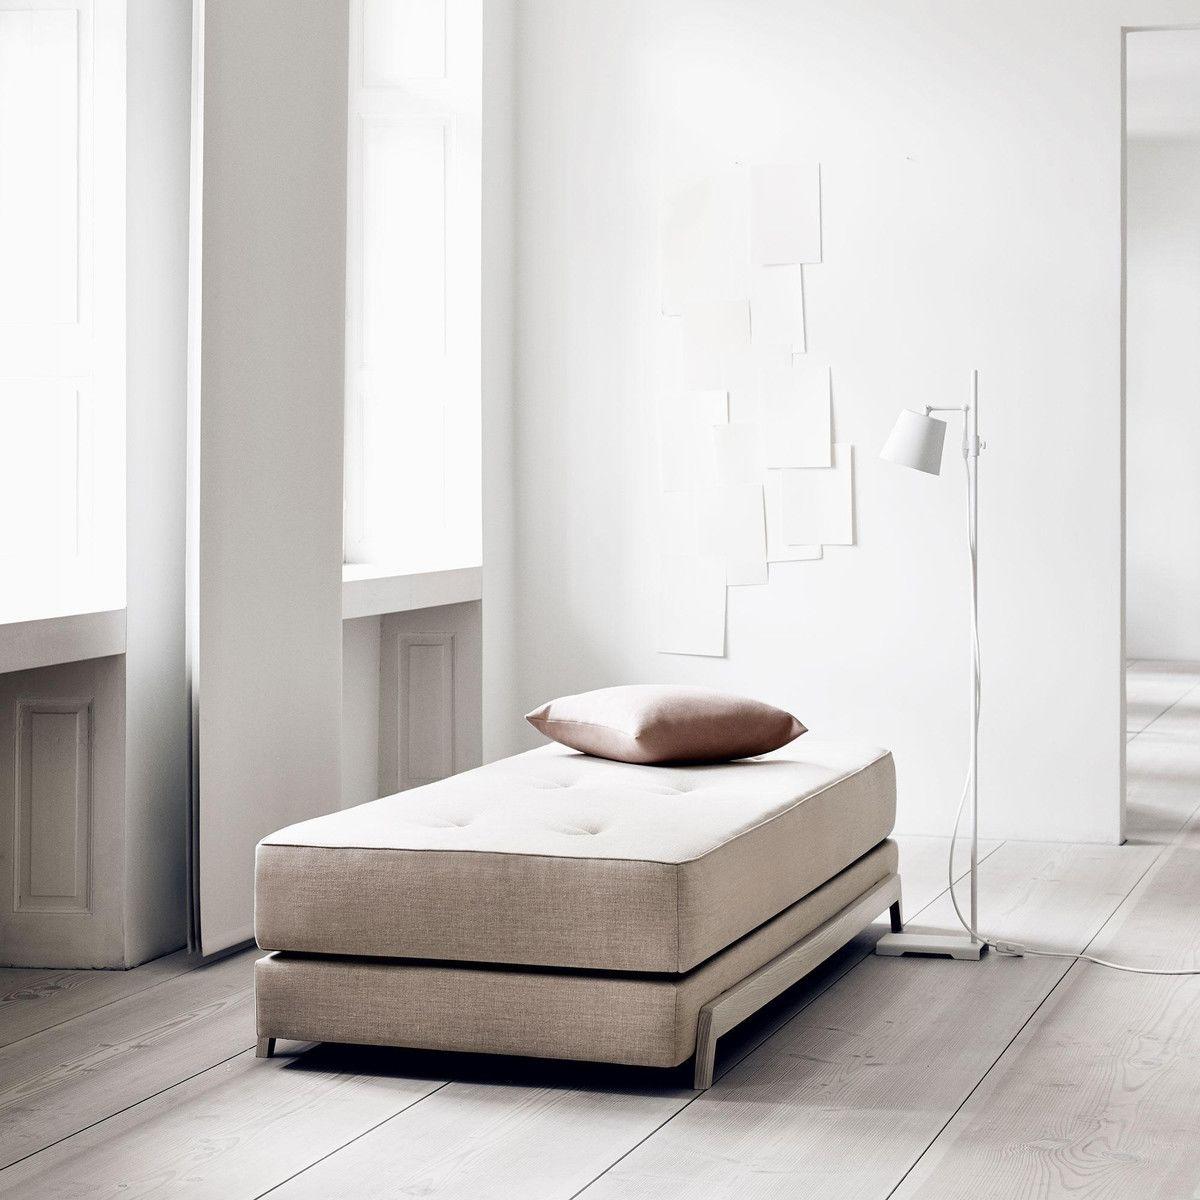 frame canap lit avec matelas en mousse pu softline. Black Bedroom Furniture Sets. Home Design Ideas